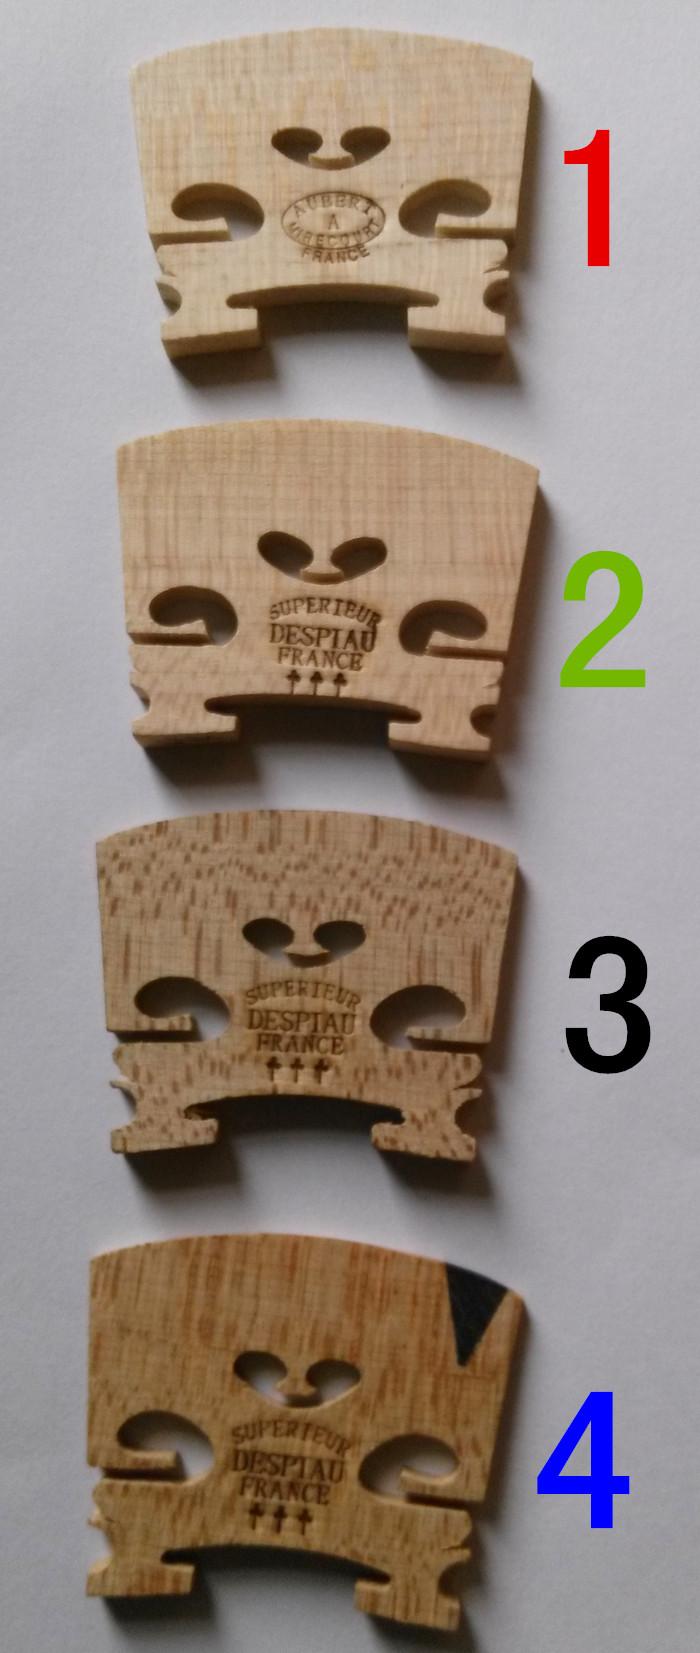 4/4 небольшой скрипка лошадь мост гусли код гусли лошадь цифры полированный хорошо один хэйлунцзян сделано в китае высокое качество 1/434 монтаж